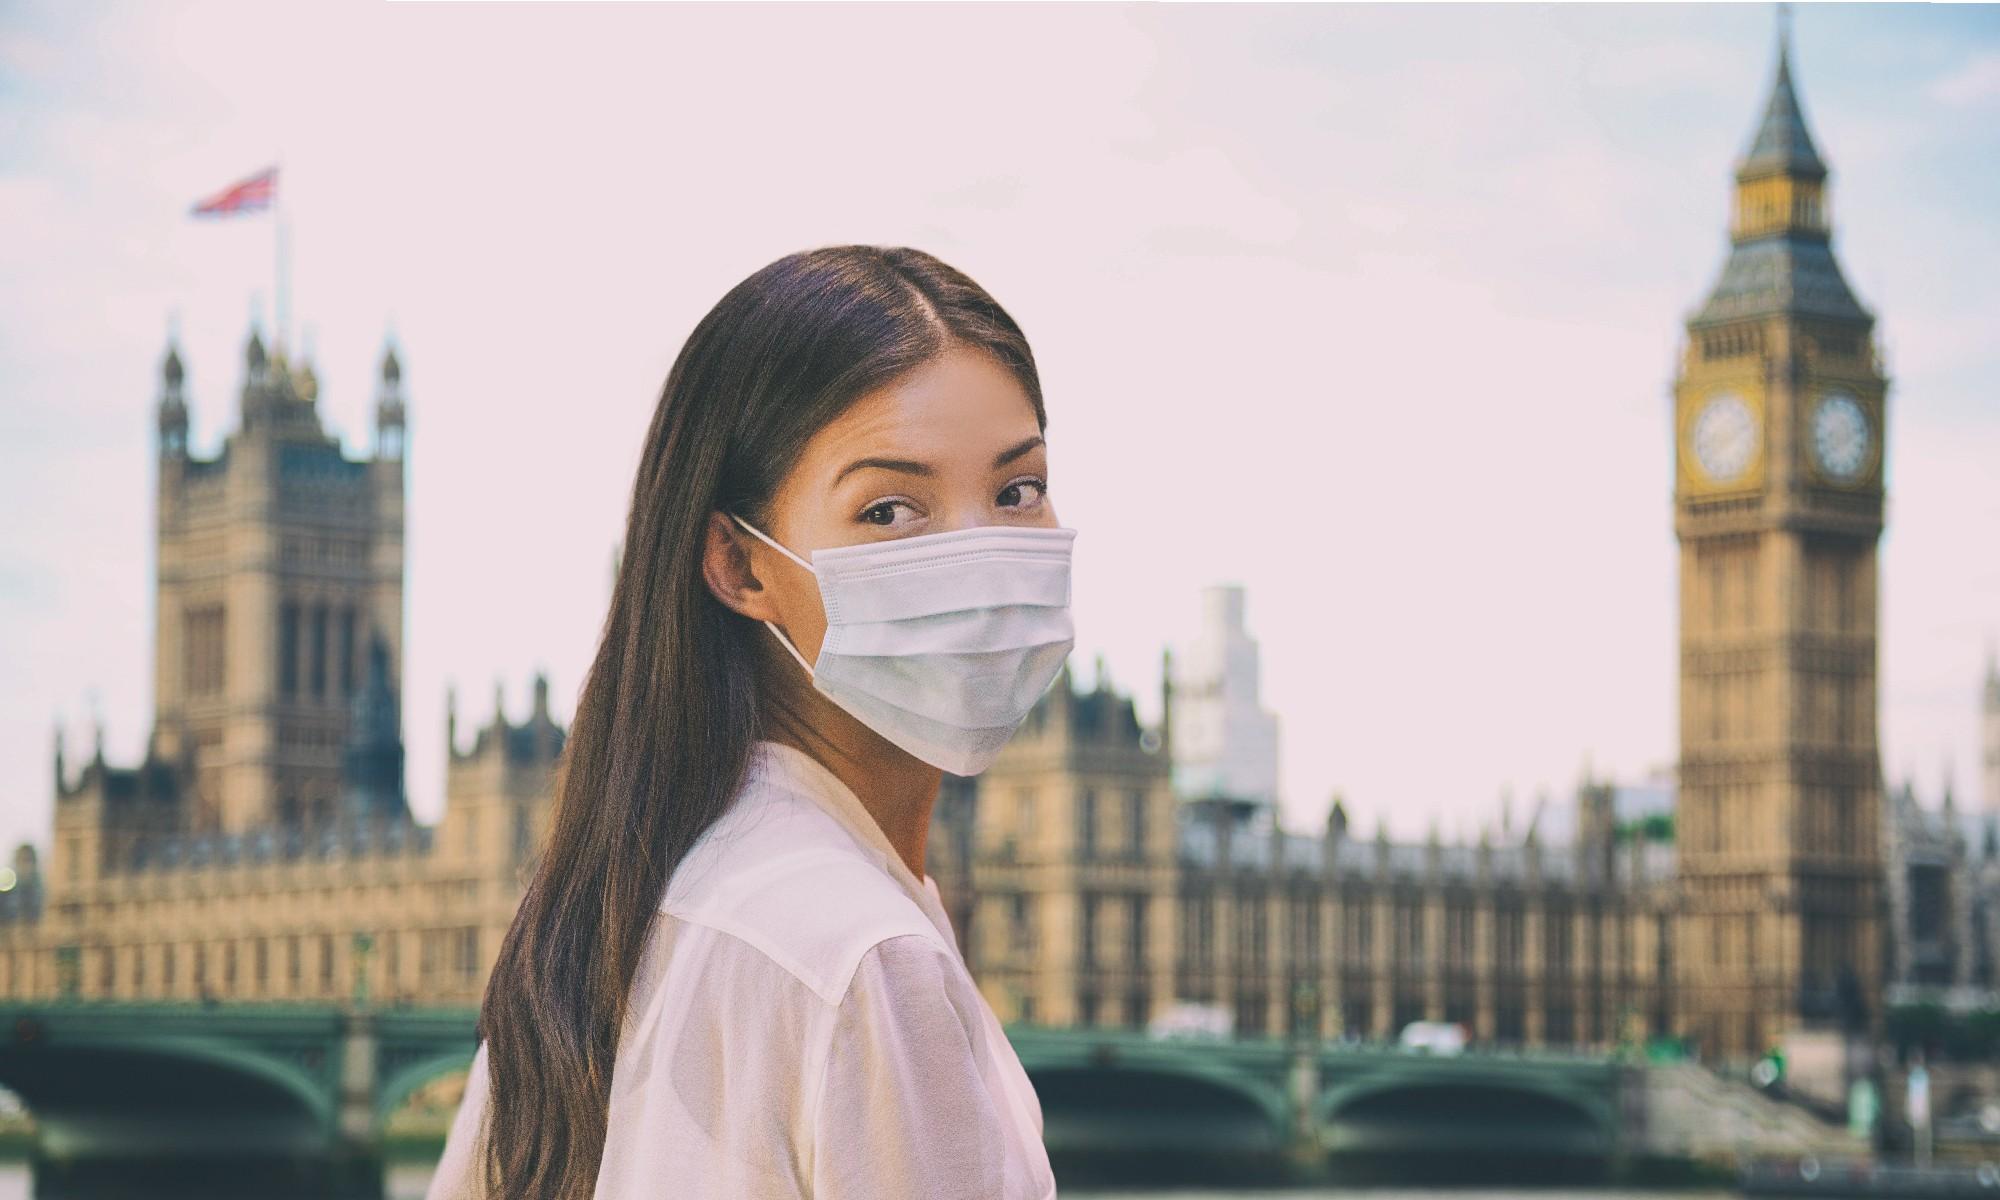 Le consulat de France à Londres face à la pandémie